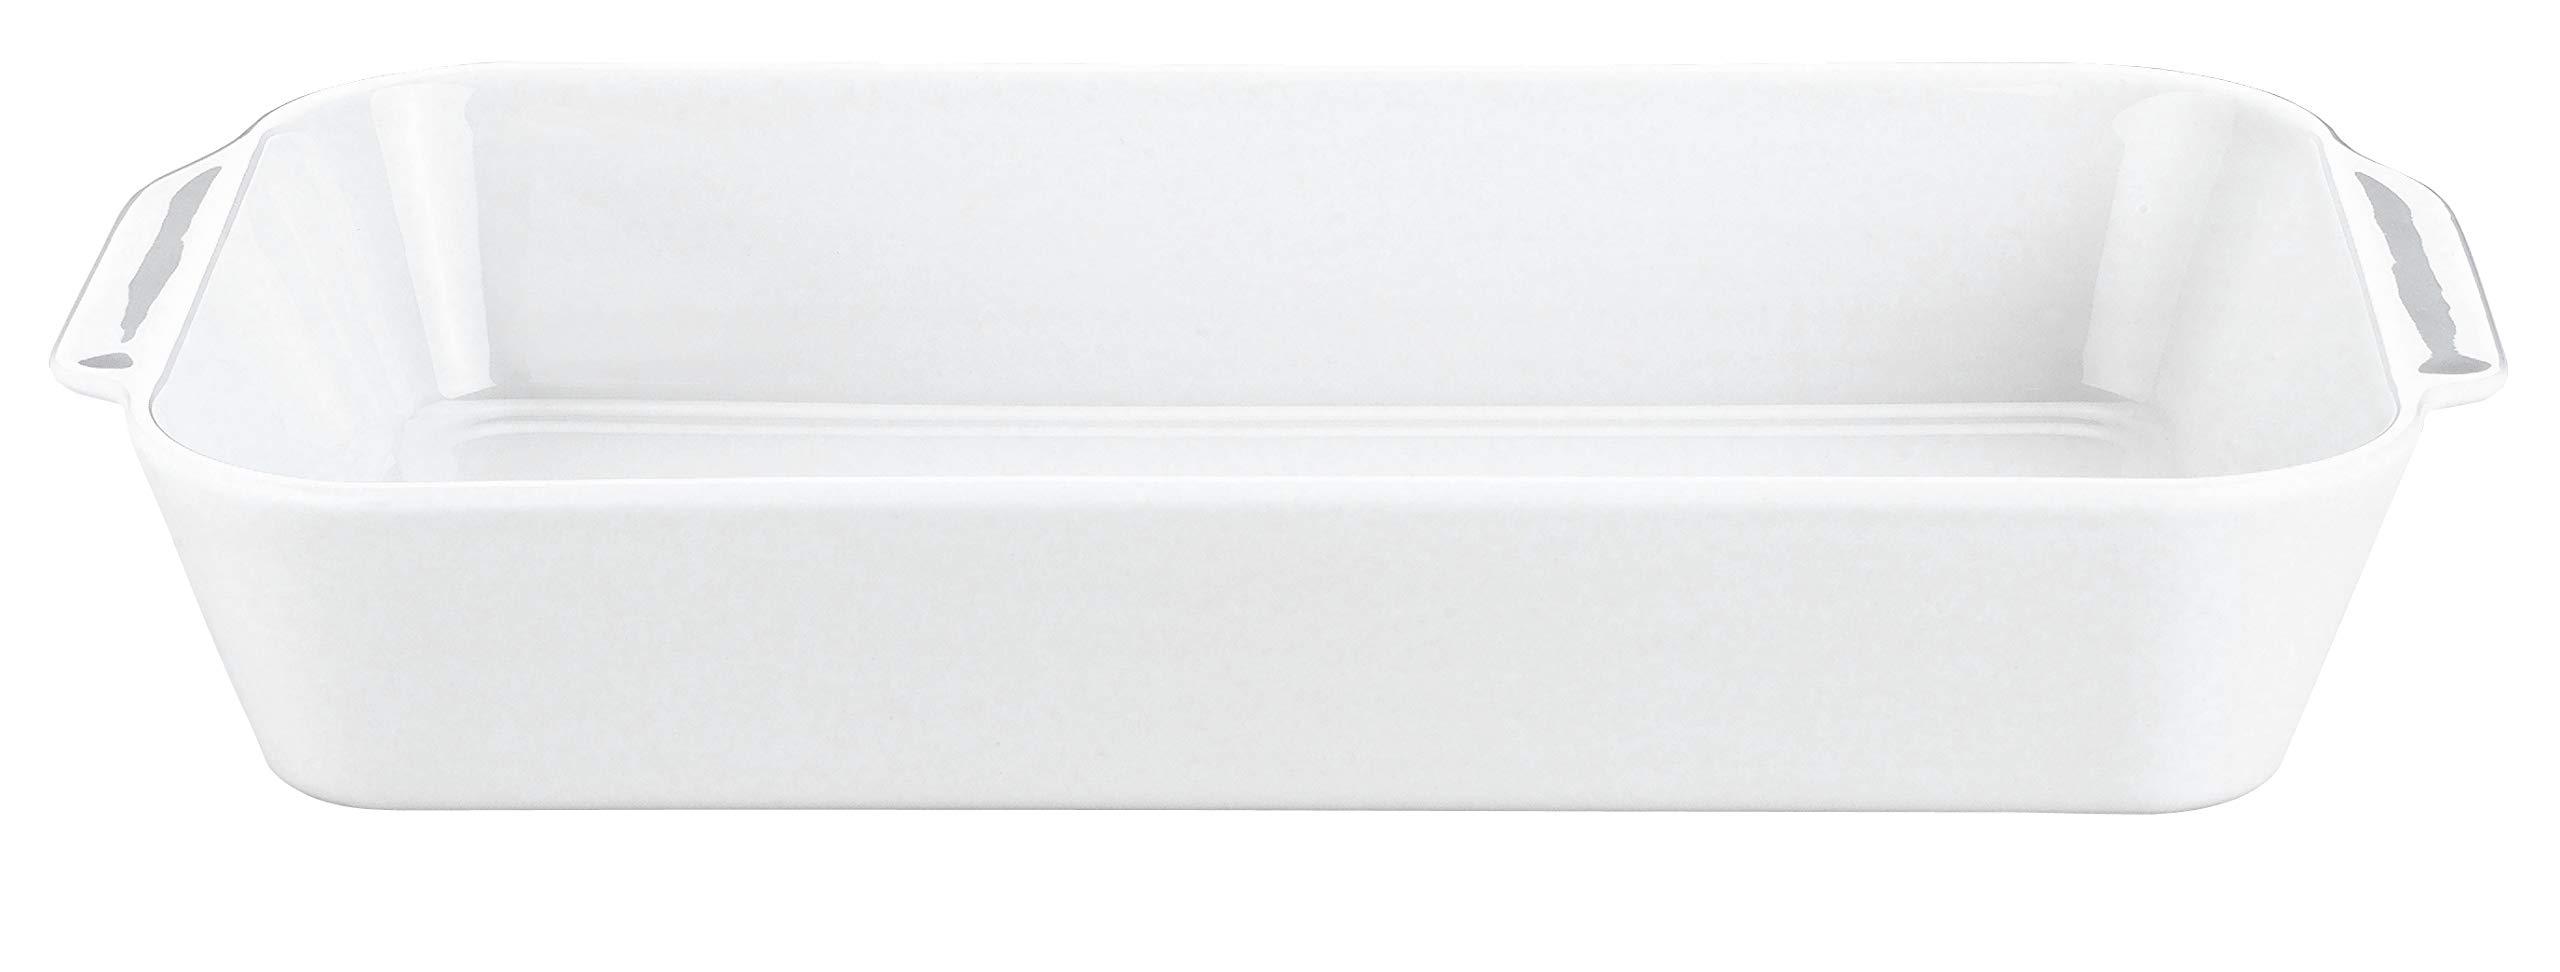 Pillivuyt Large Eared Rectangular Roaster - Deep - 9 X 13 X 2 1/2